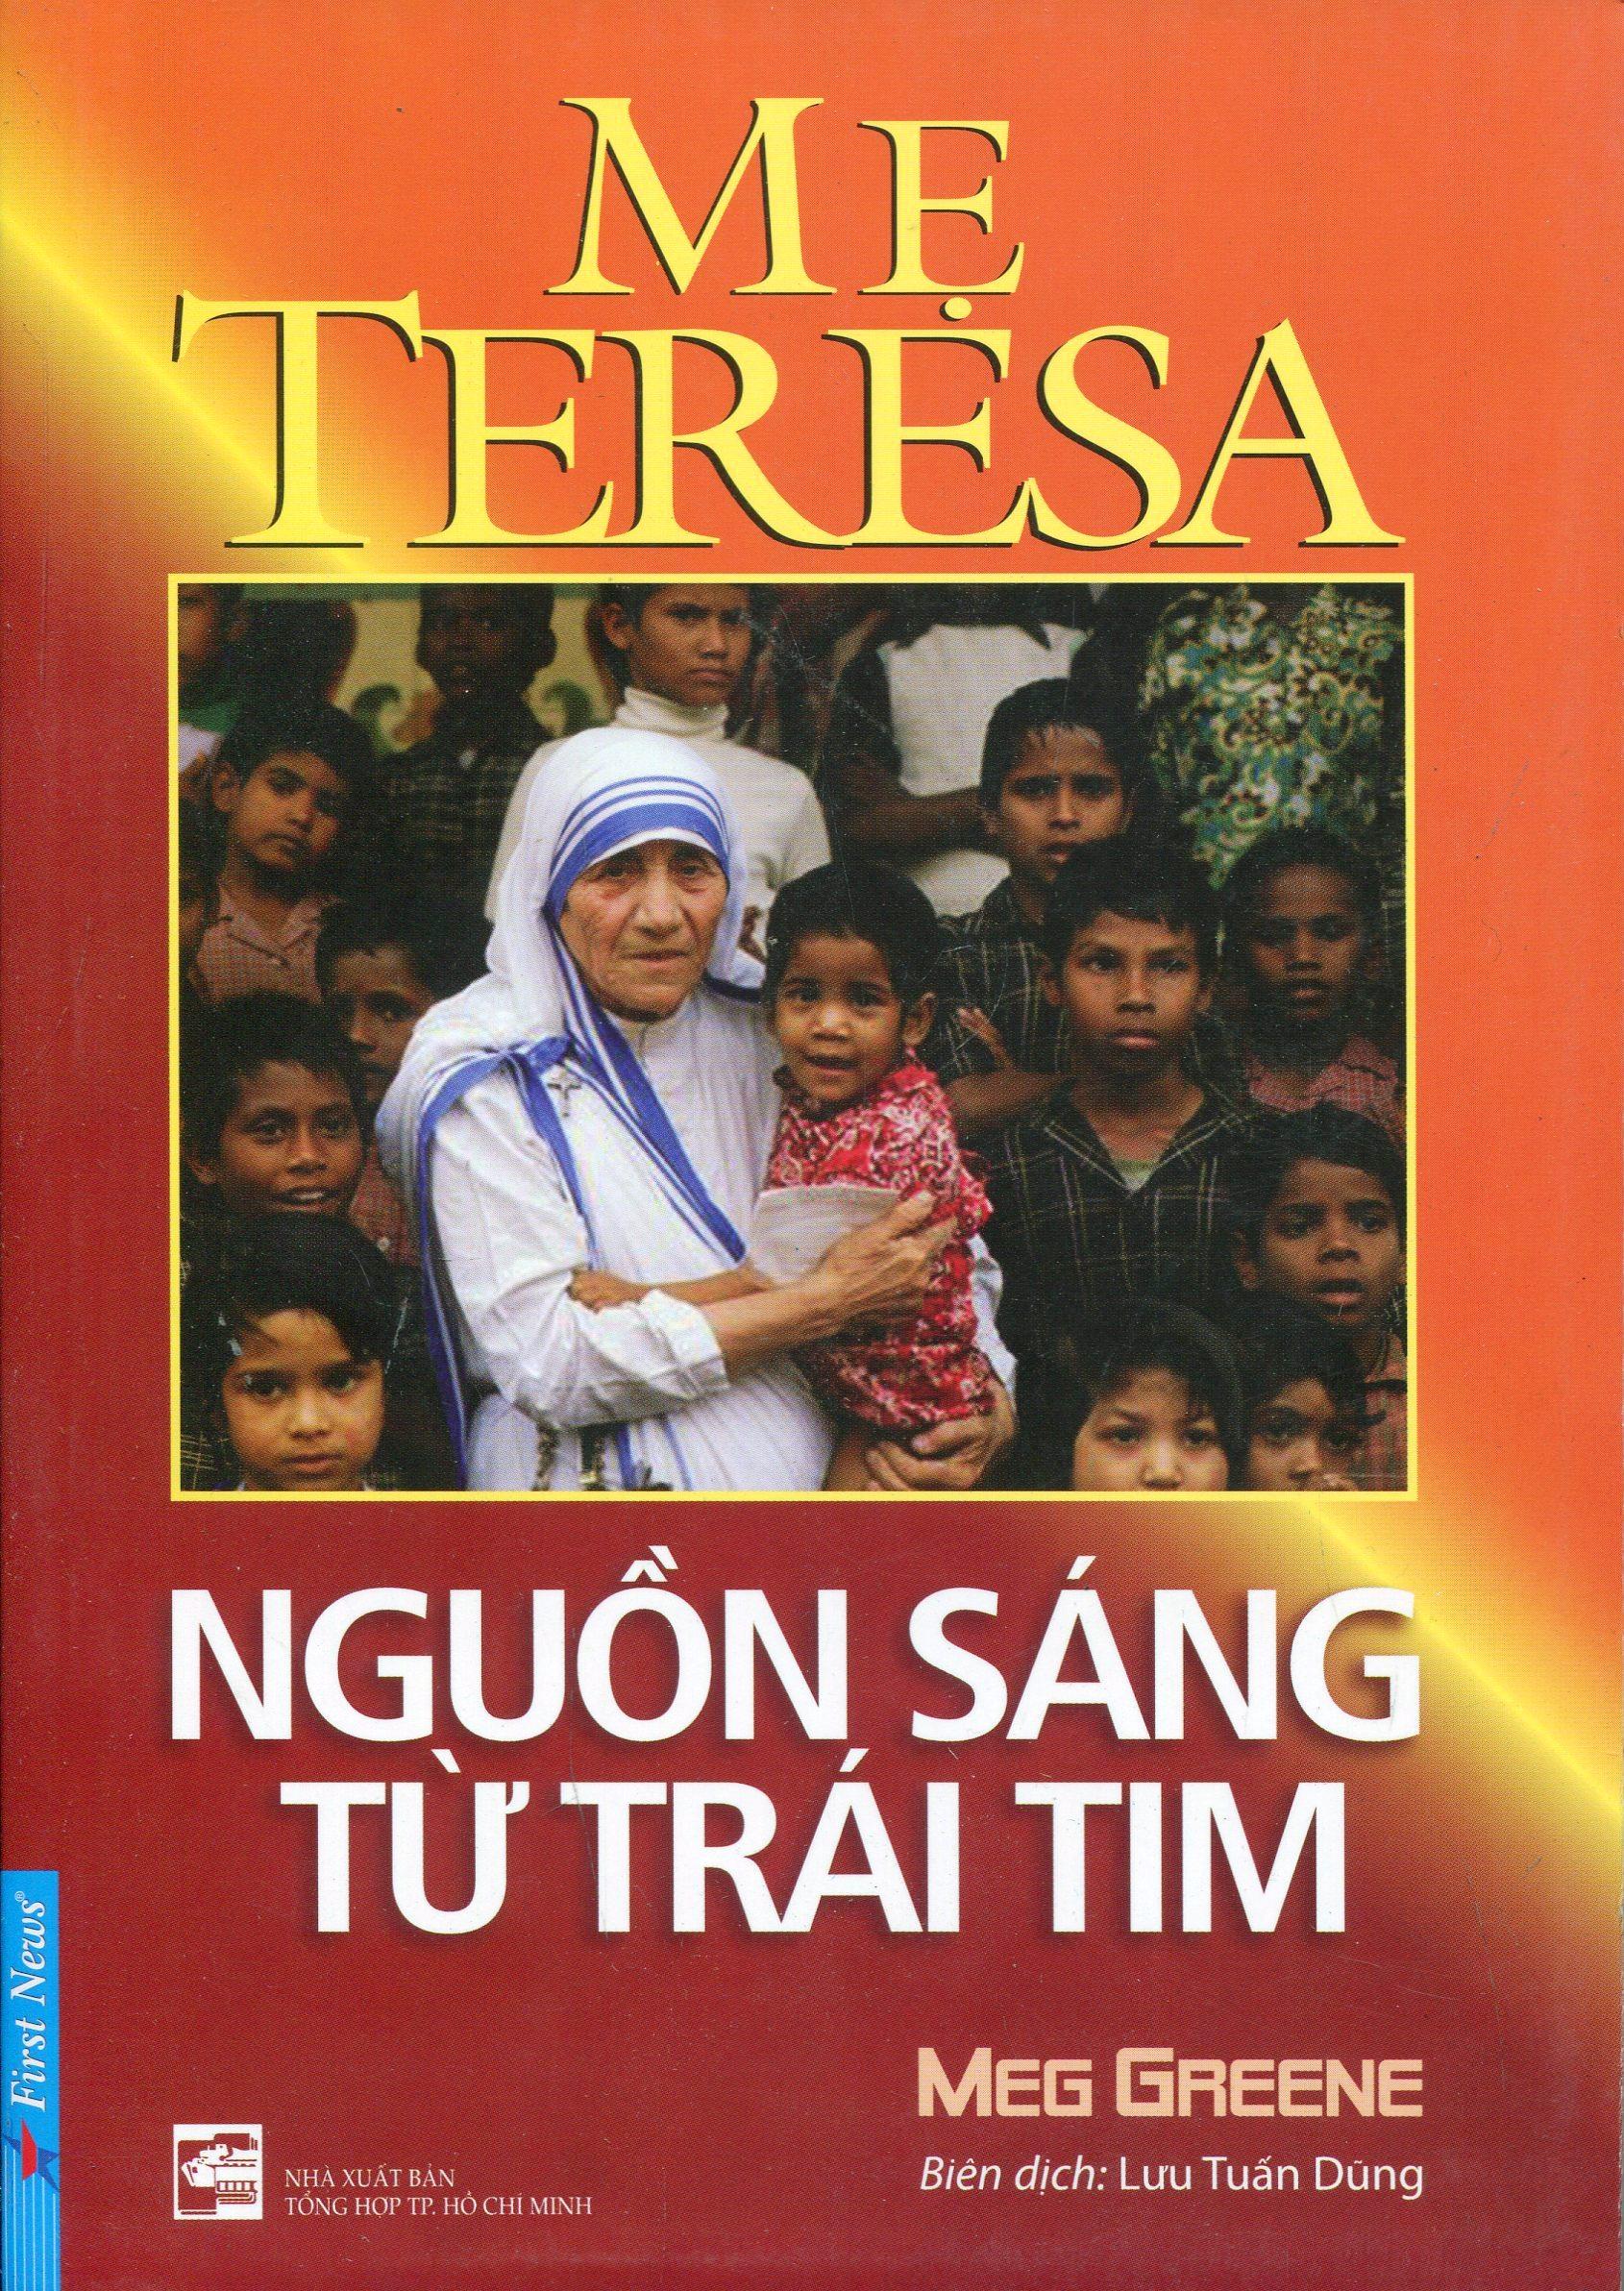 Bìa sách Mẹ Teresa - Nguồn Sáng Từ Trái Tim (Tái Bản)